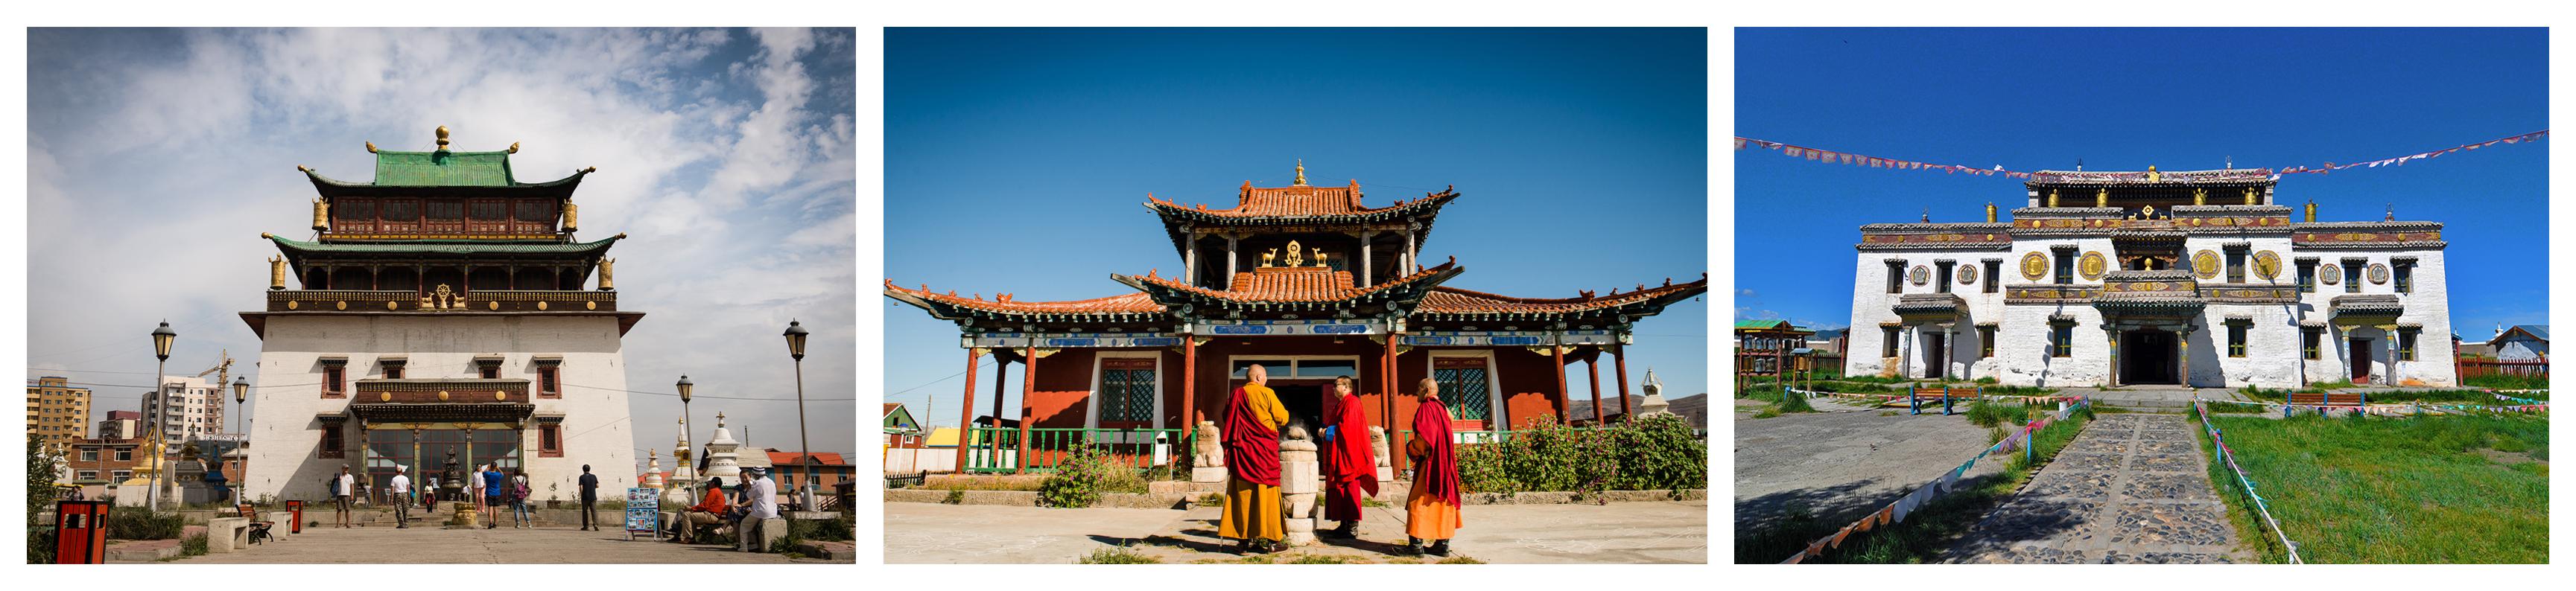 Monasteries Of Mongolia